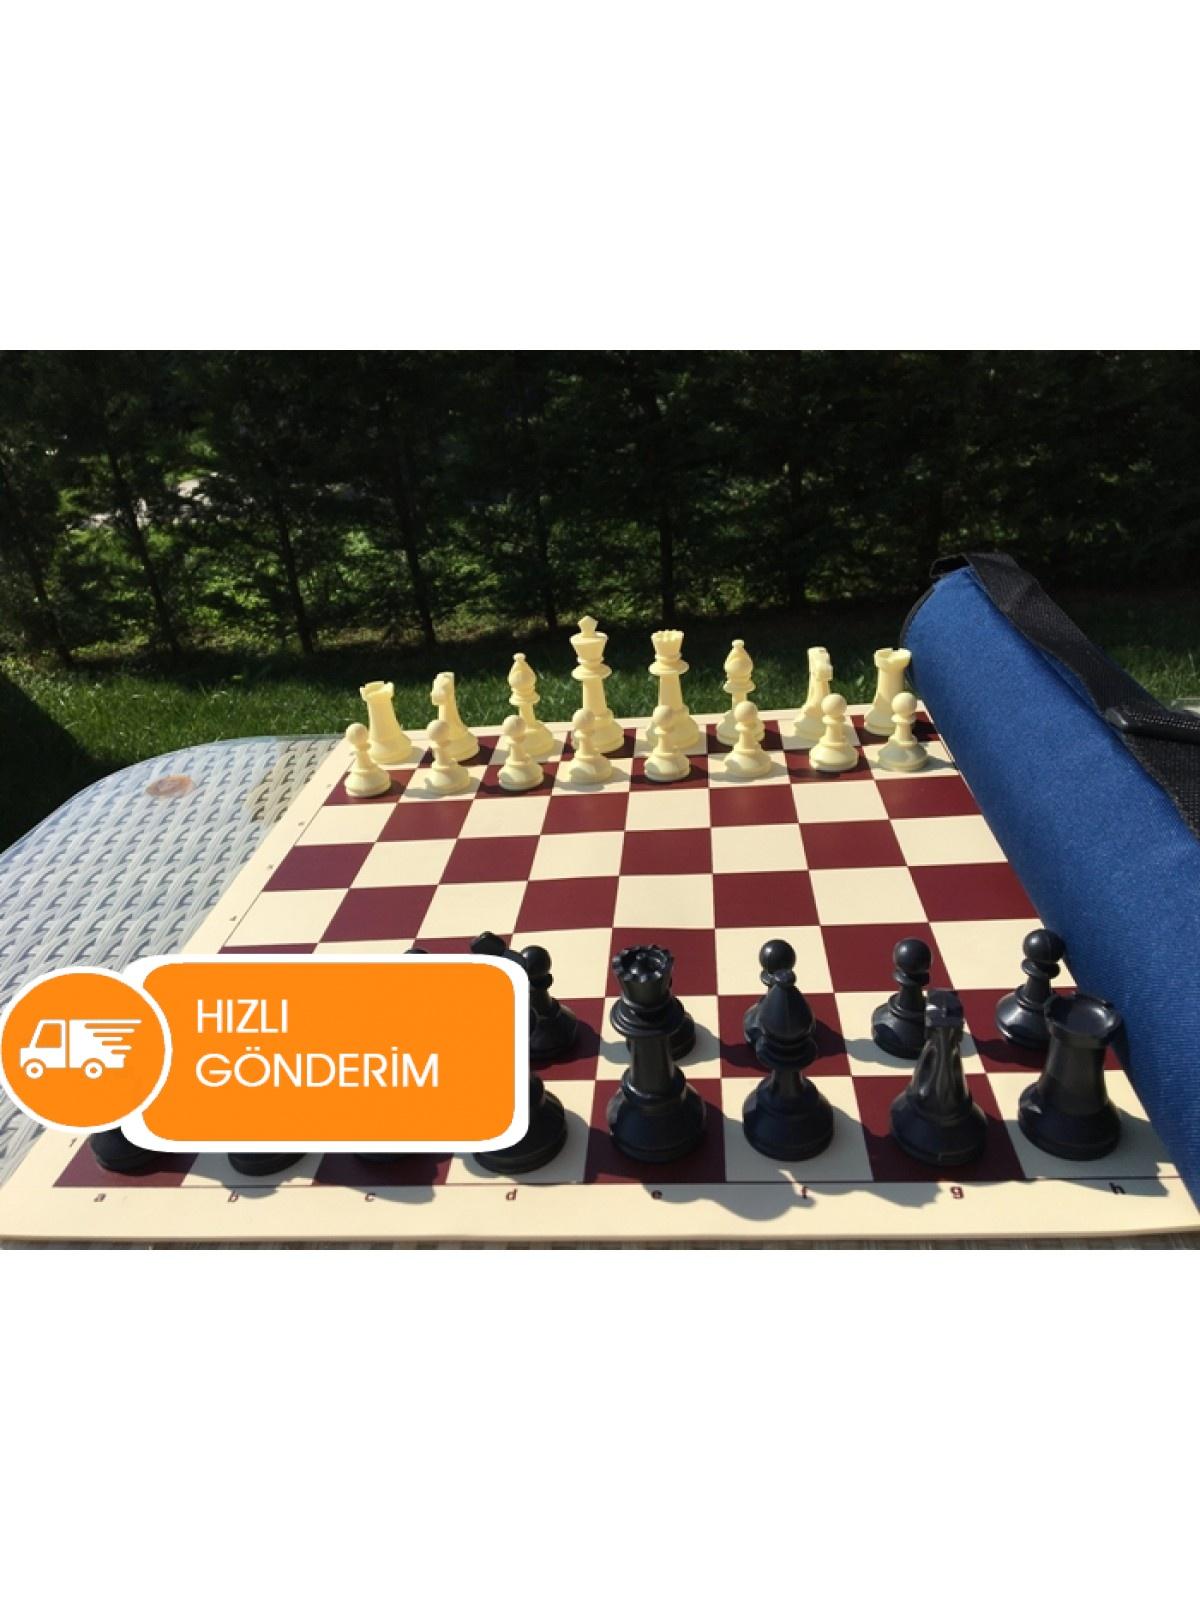 Turnuva Satranç Takımı - 95 mm Şah Yüksekliği (Öde indir CD Hediyeli)